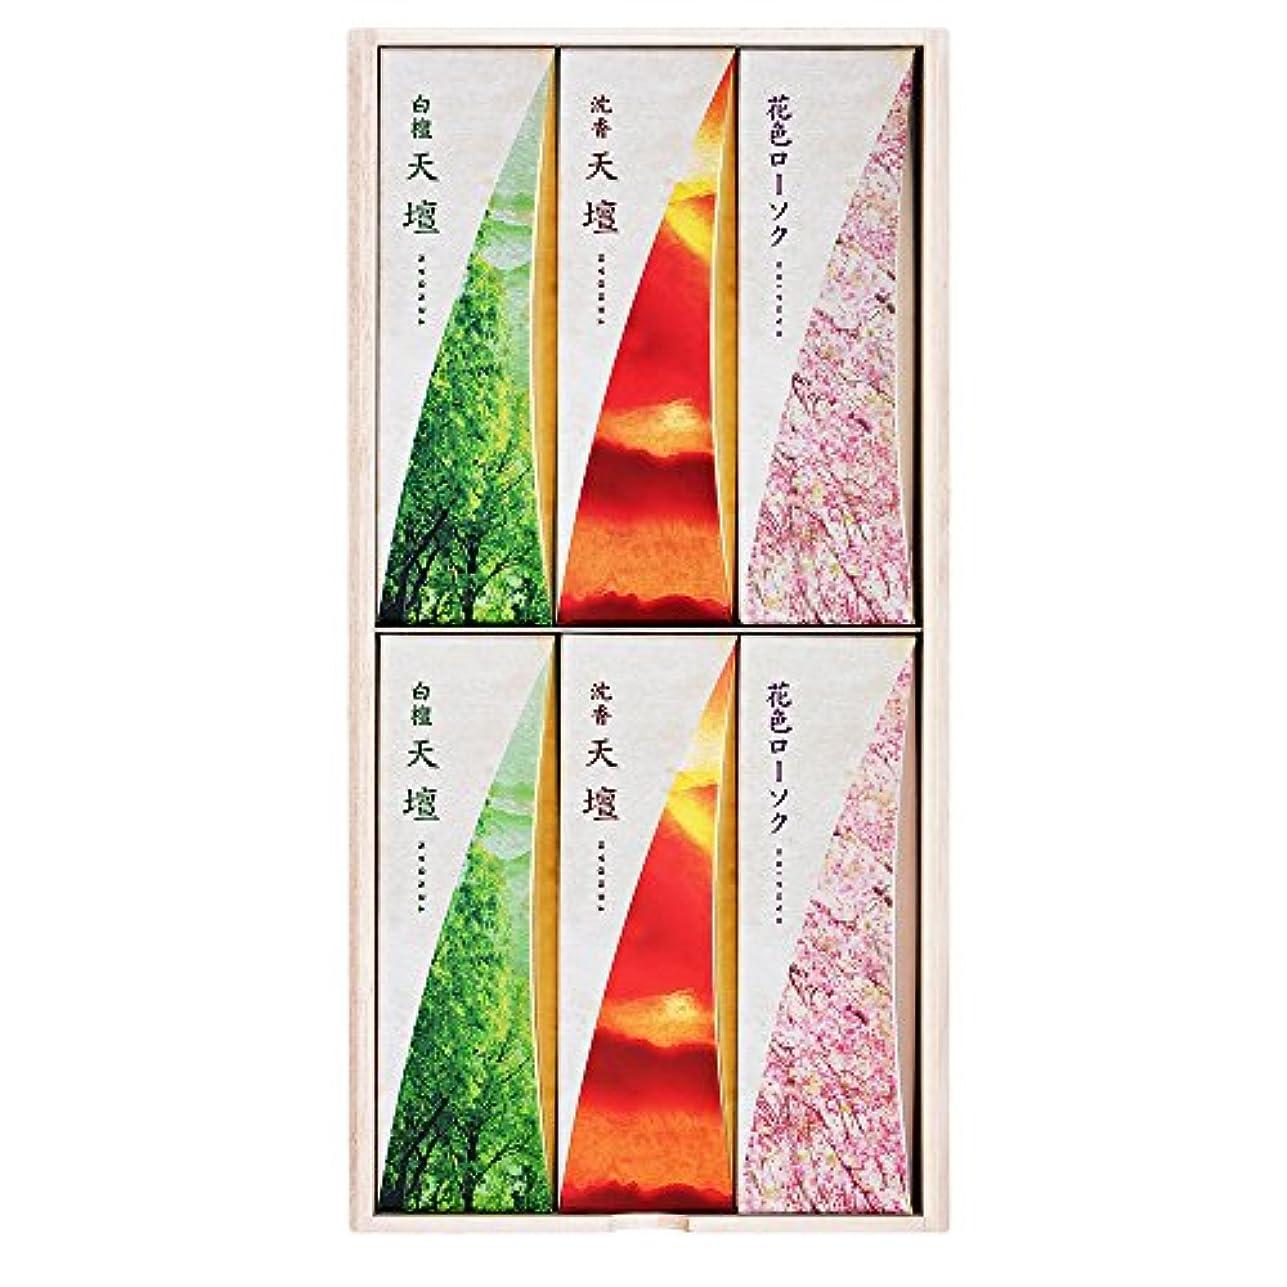 火山学検証苦しめる天壇進物3000 桐箱 包装品 (白檀の香り2箱、沈香の香り2箱、花色ローソク2箱)